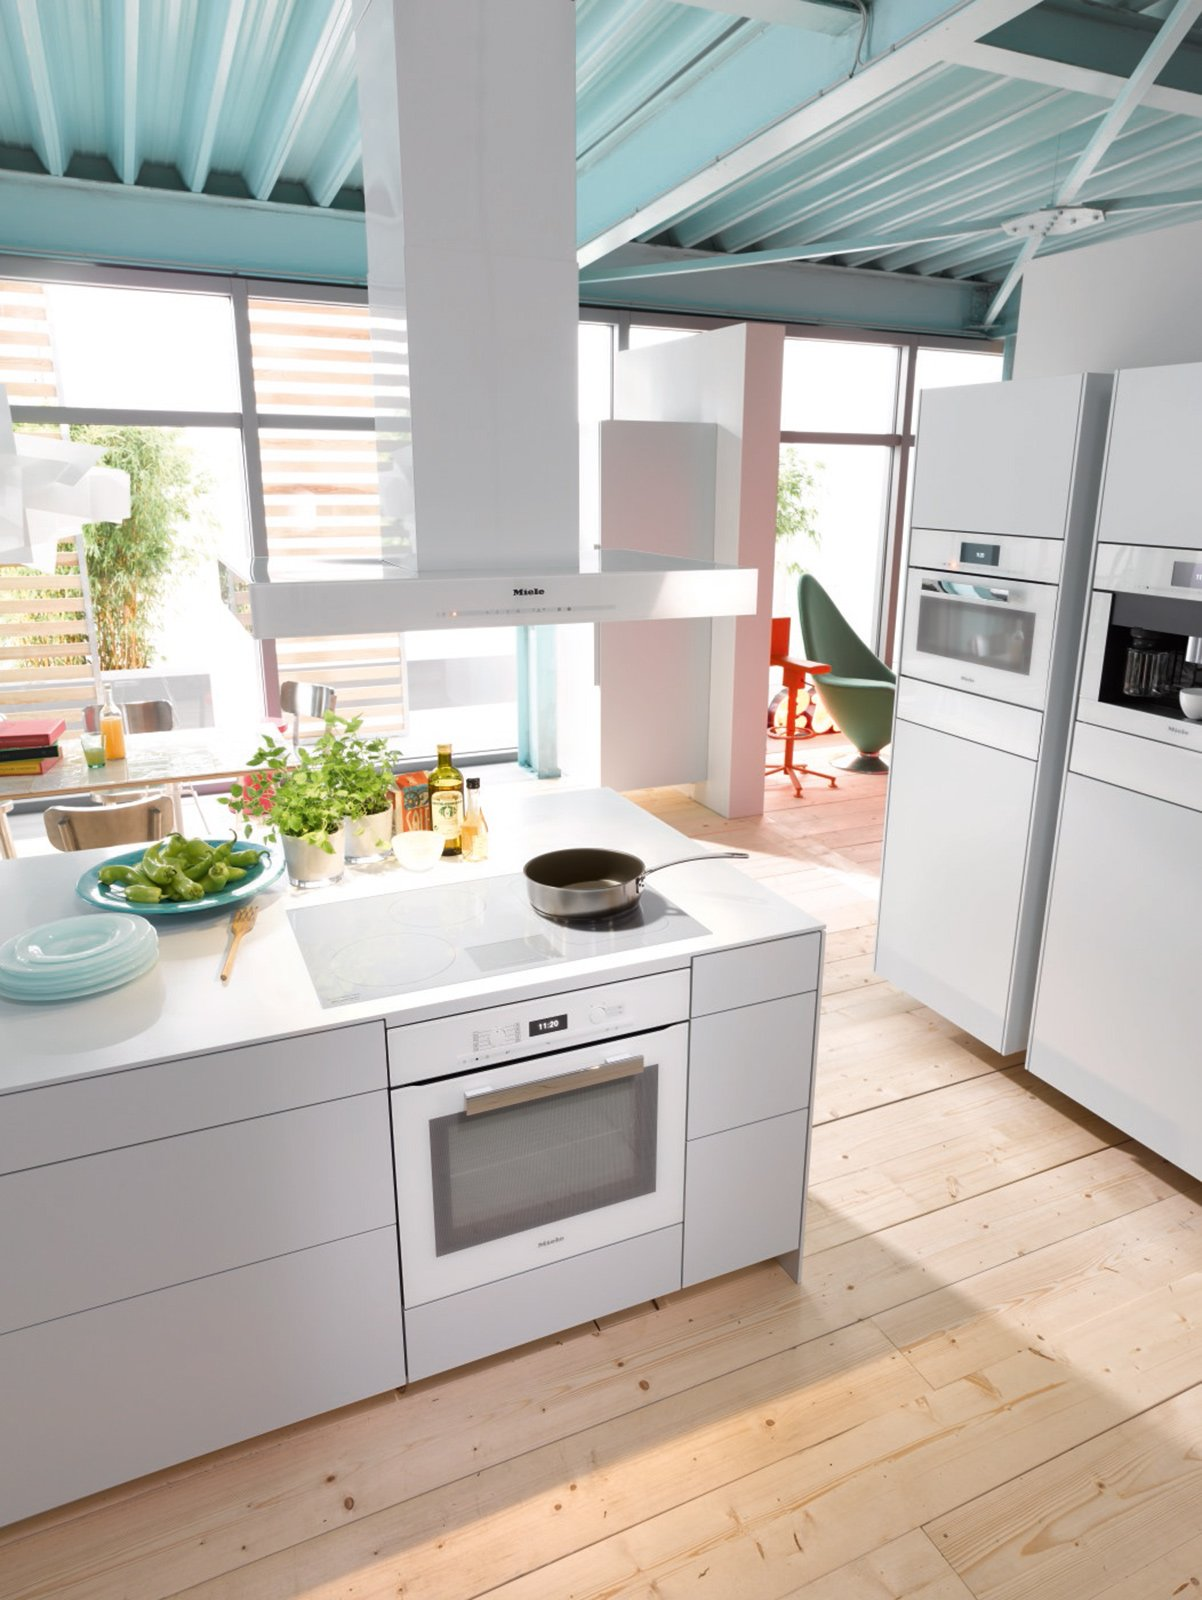 Total white in cucina, anche per gli elettrodomestici - Cose di Casa